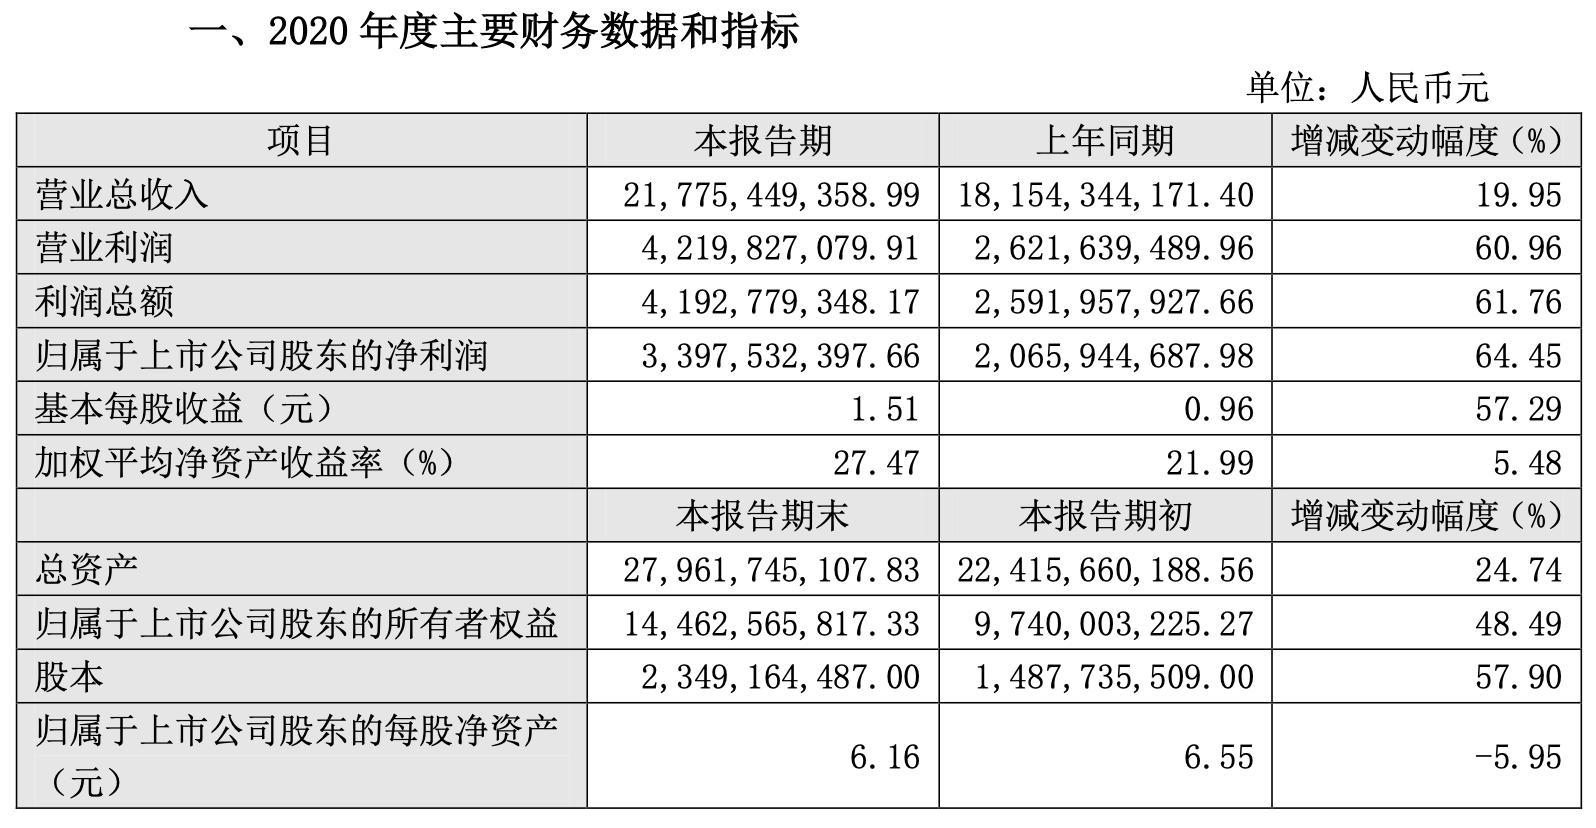 营业状况向好 东方雨虹去年净利润同比增长近65%